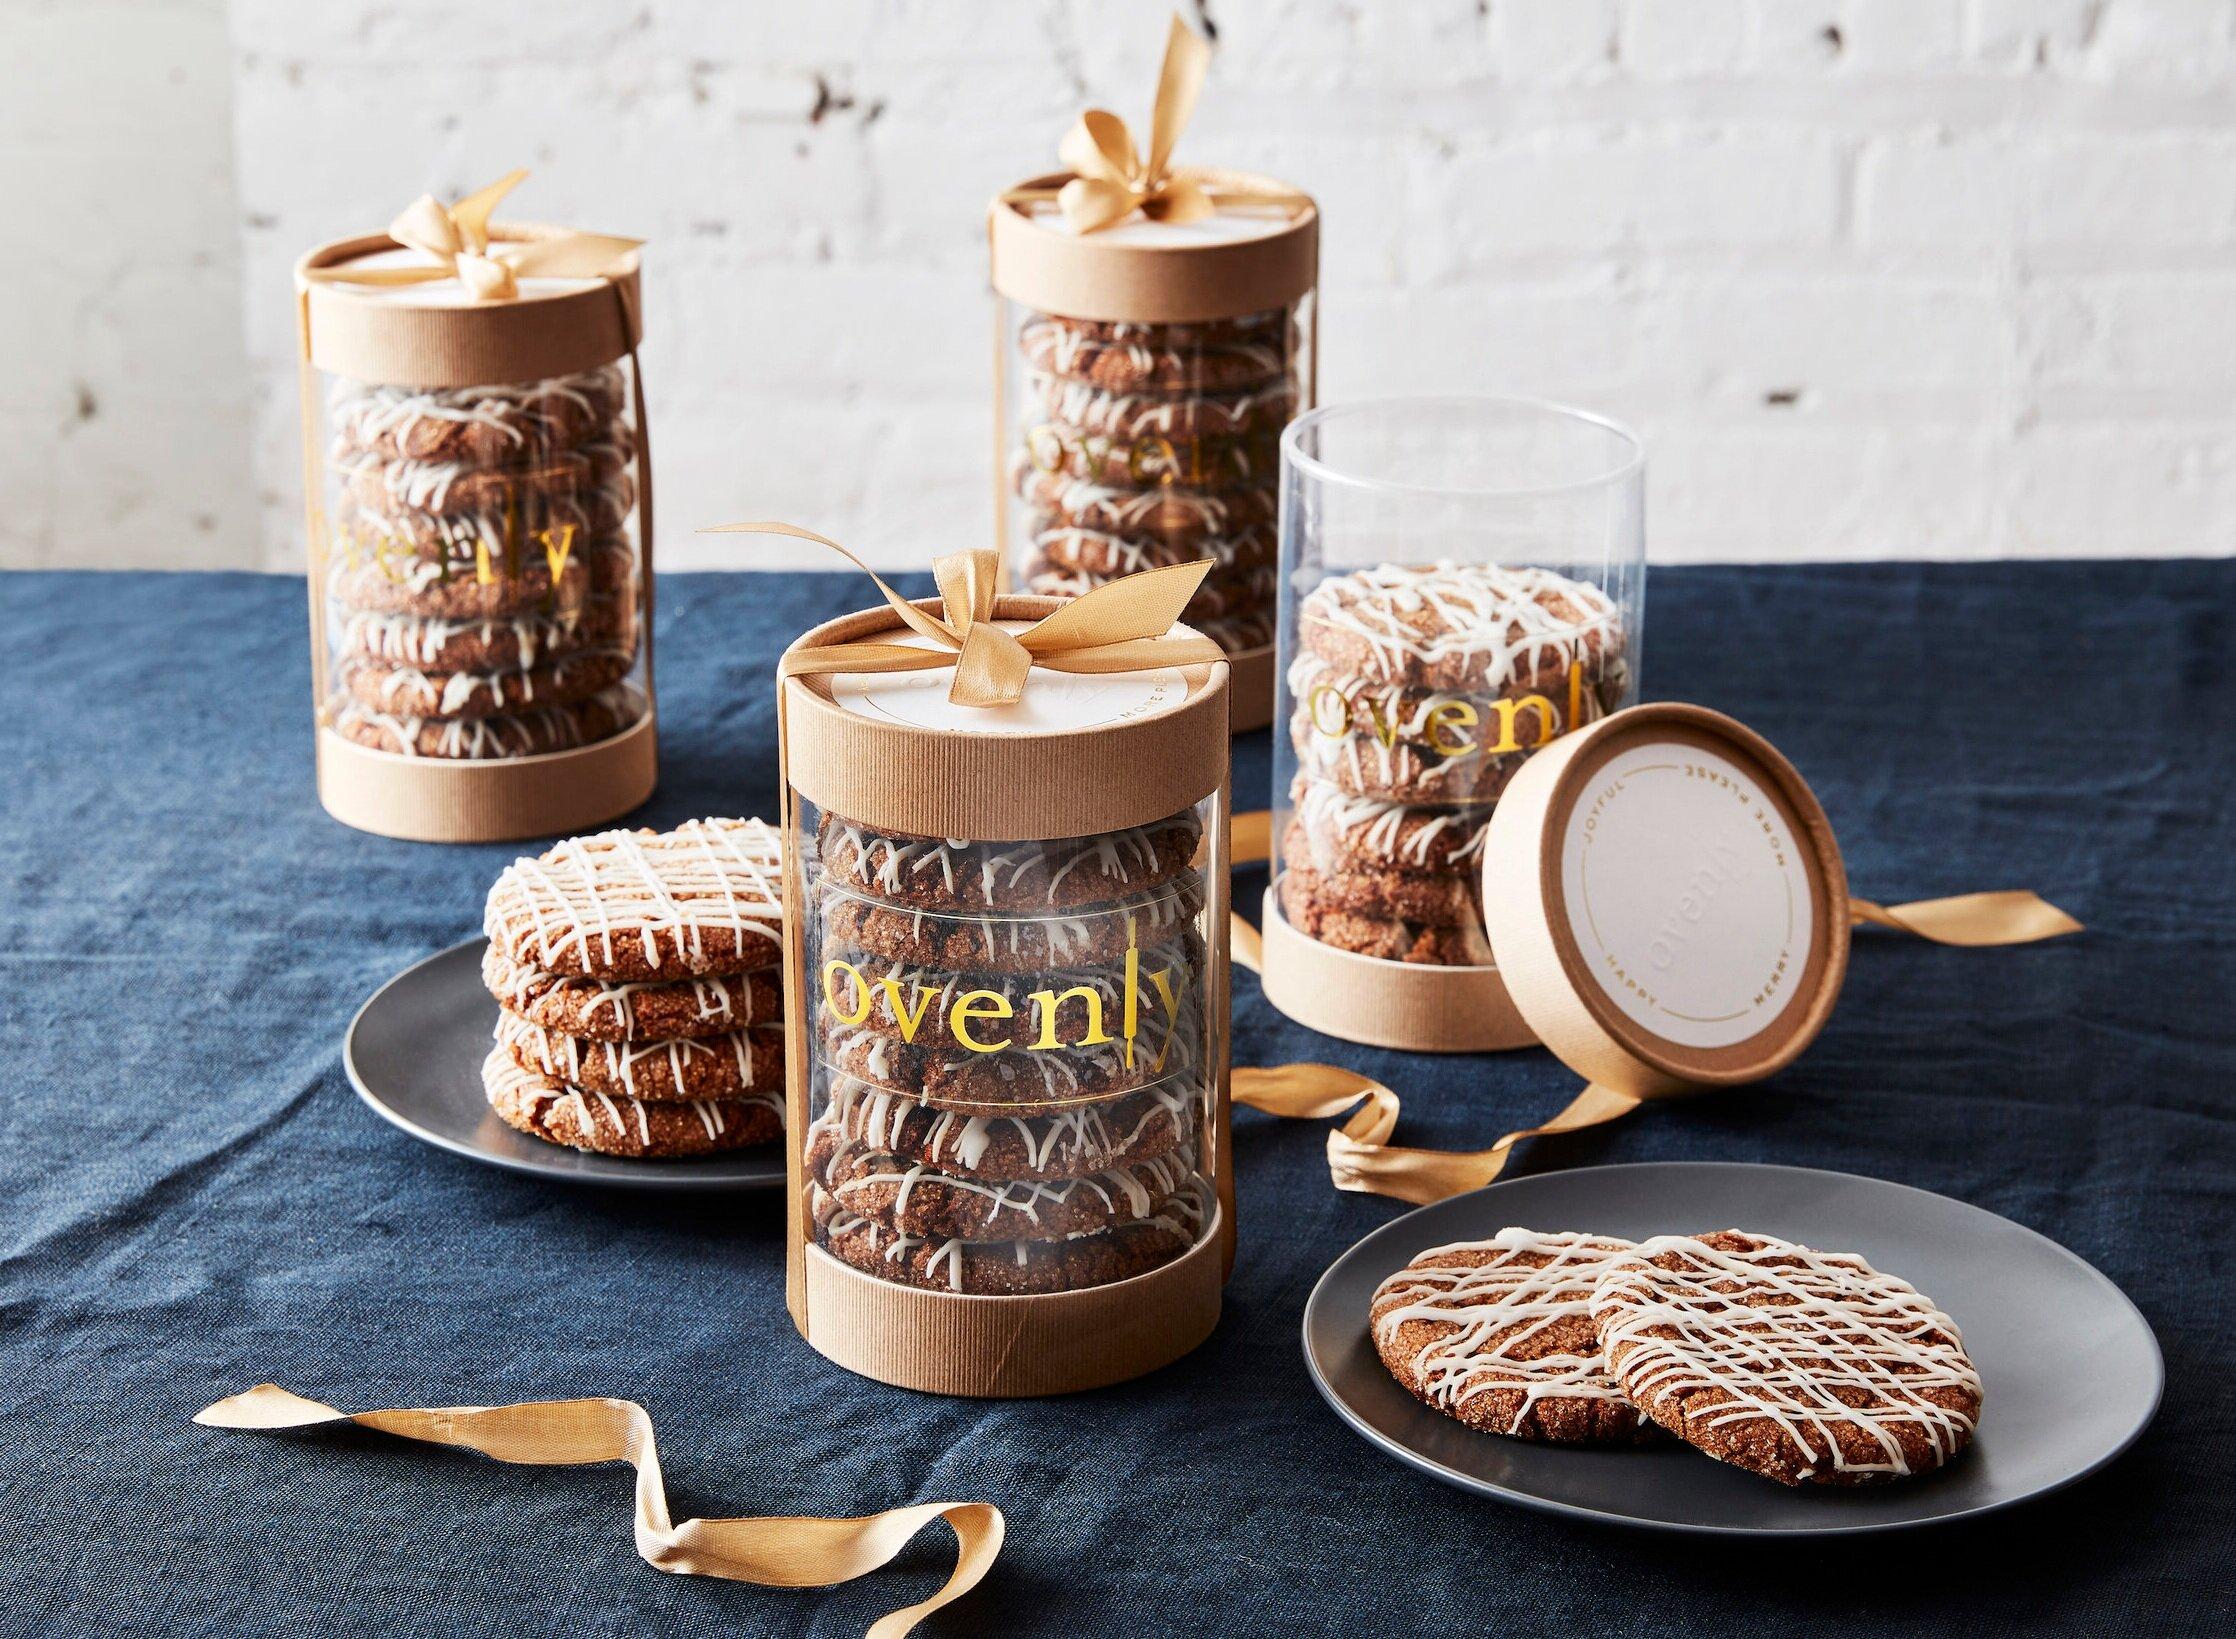 Snowflake Molasses Cookies & Packaging